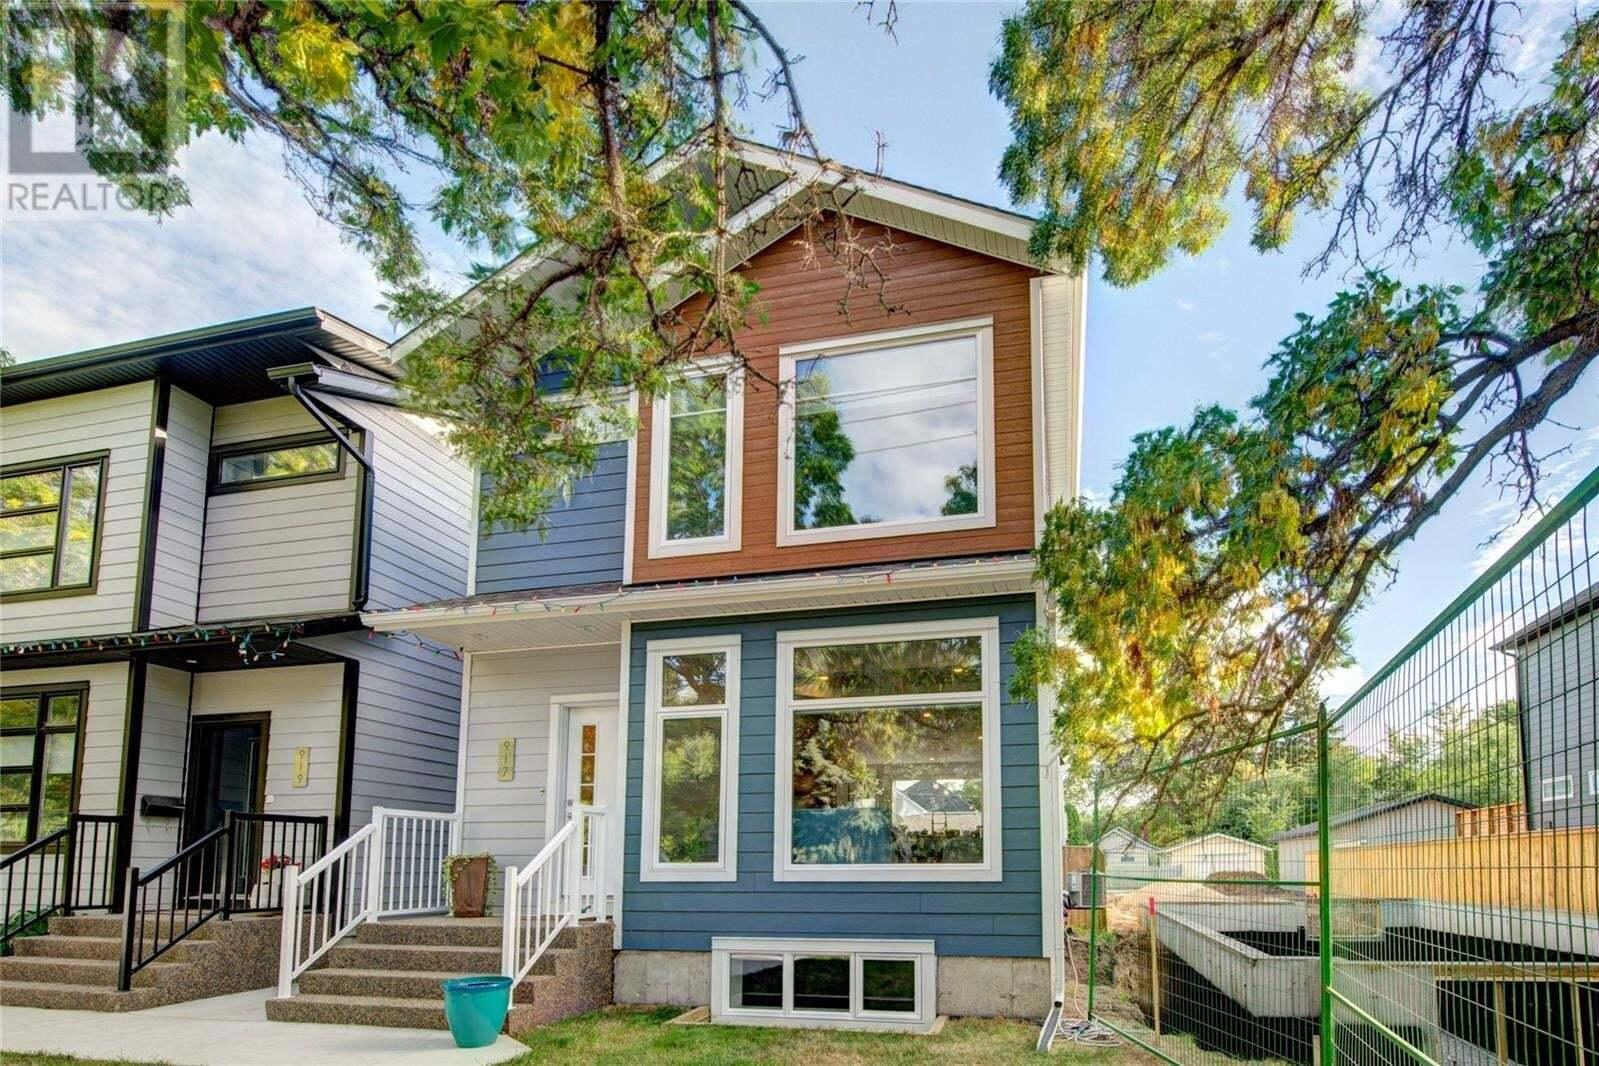 House for sale at 917 Osborne St Saskatoon Saskatchewan - MLS: SK825983